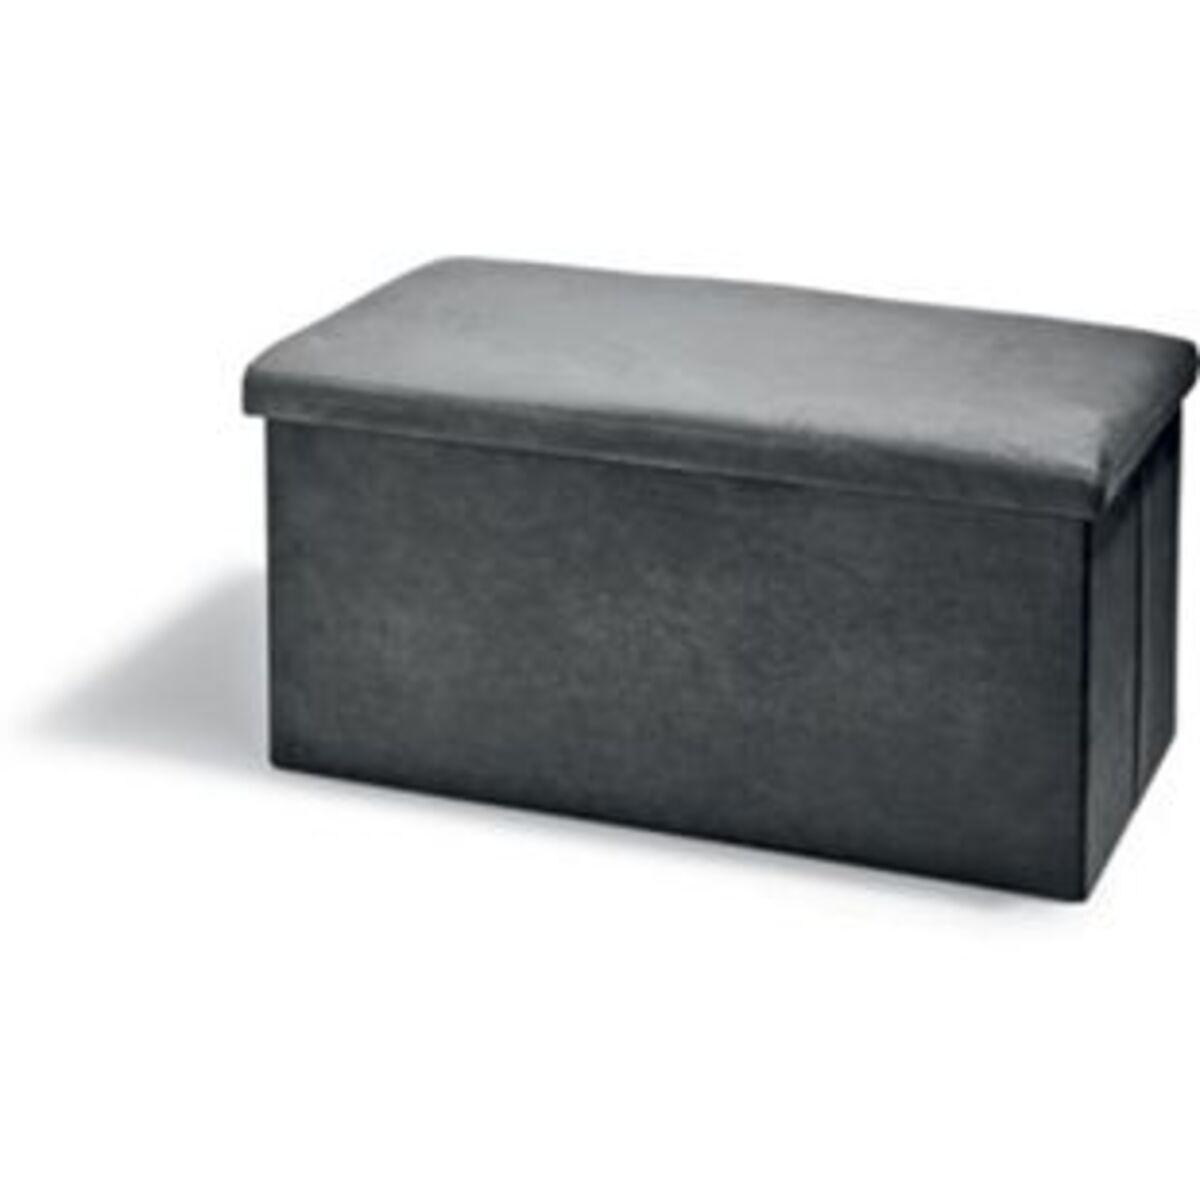 Bild 2 von Dekor Sitz- und Aufbewahrungsbox, verschiedene Farbvarianten - grau